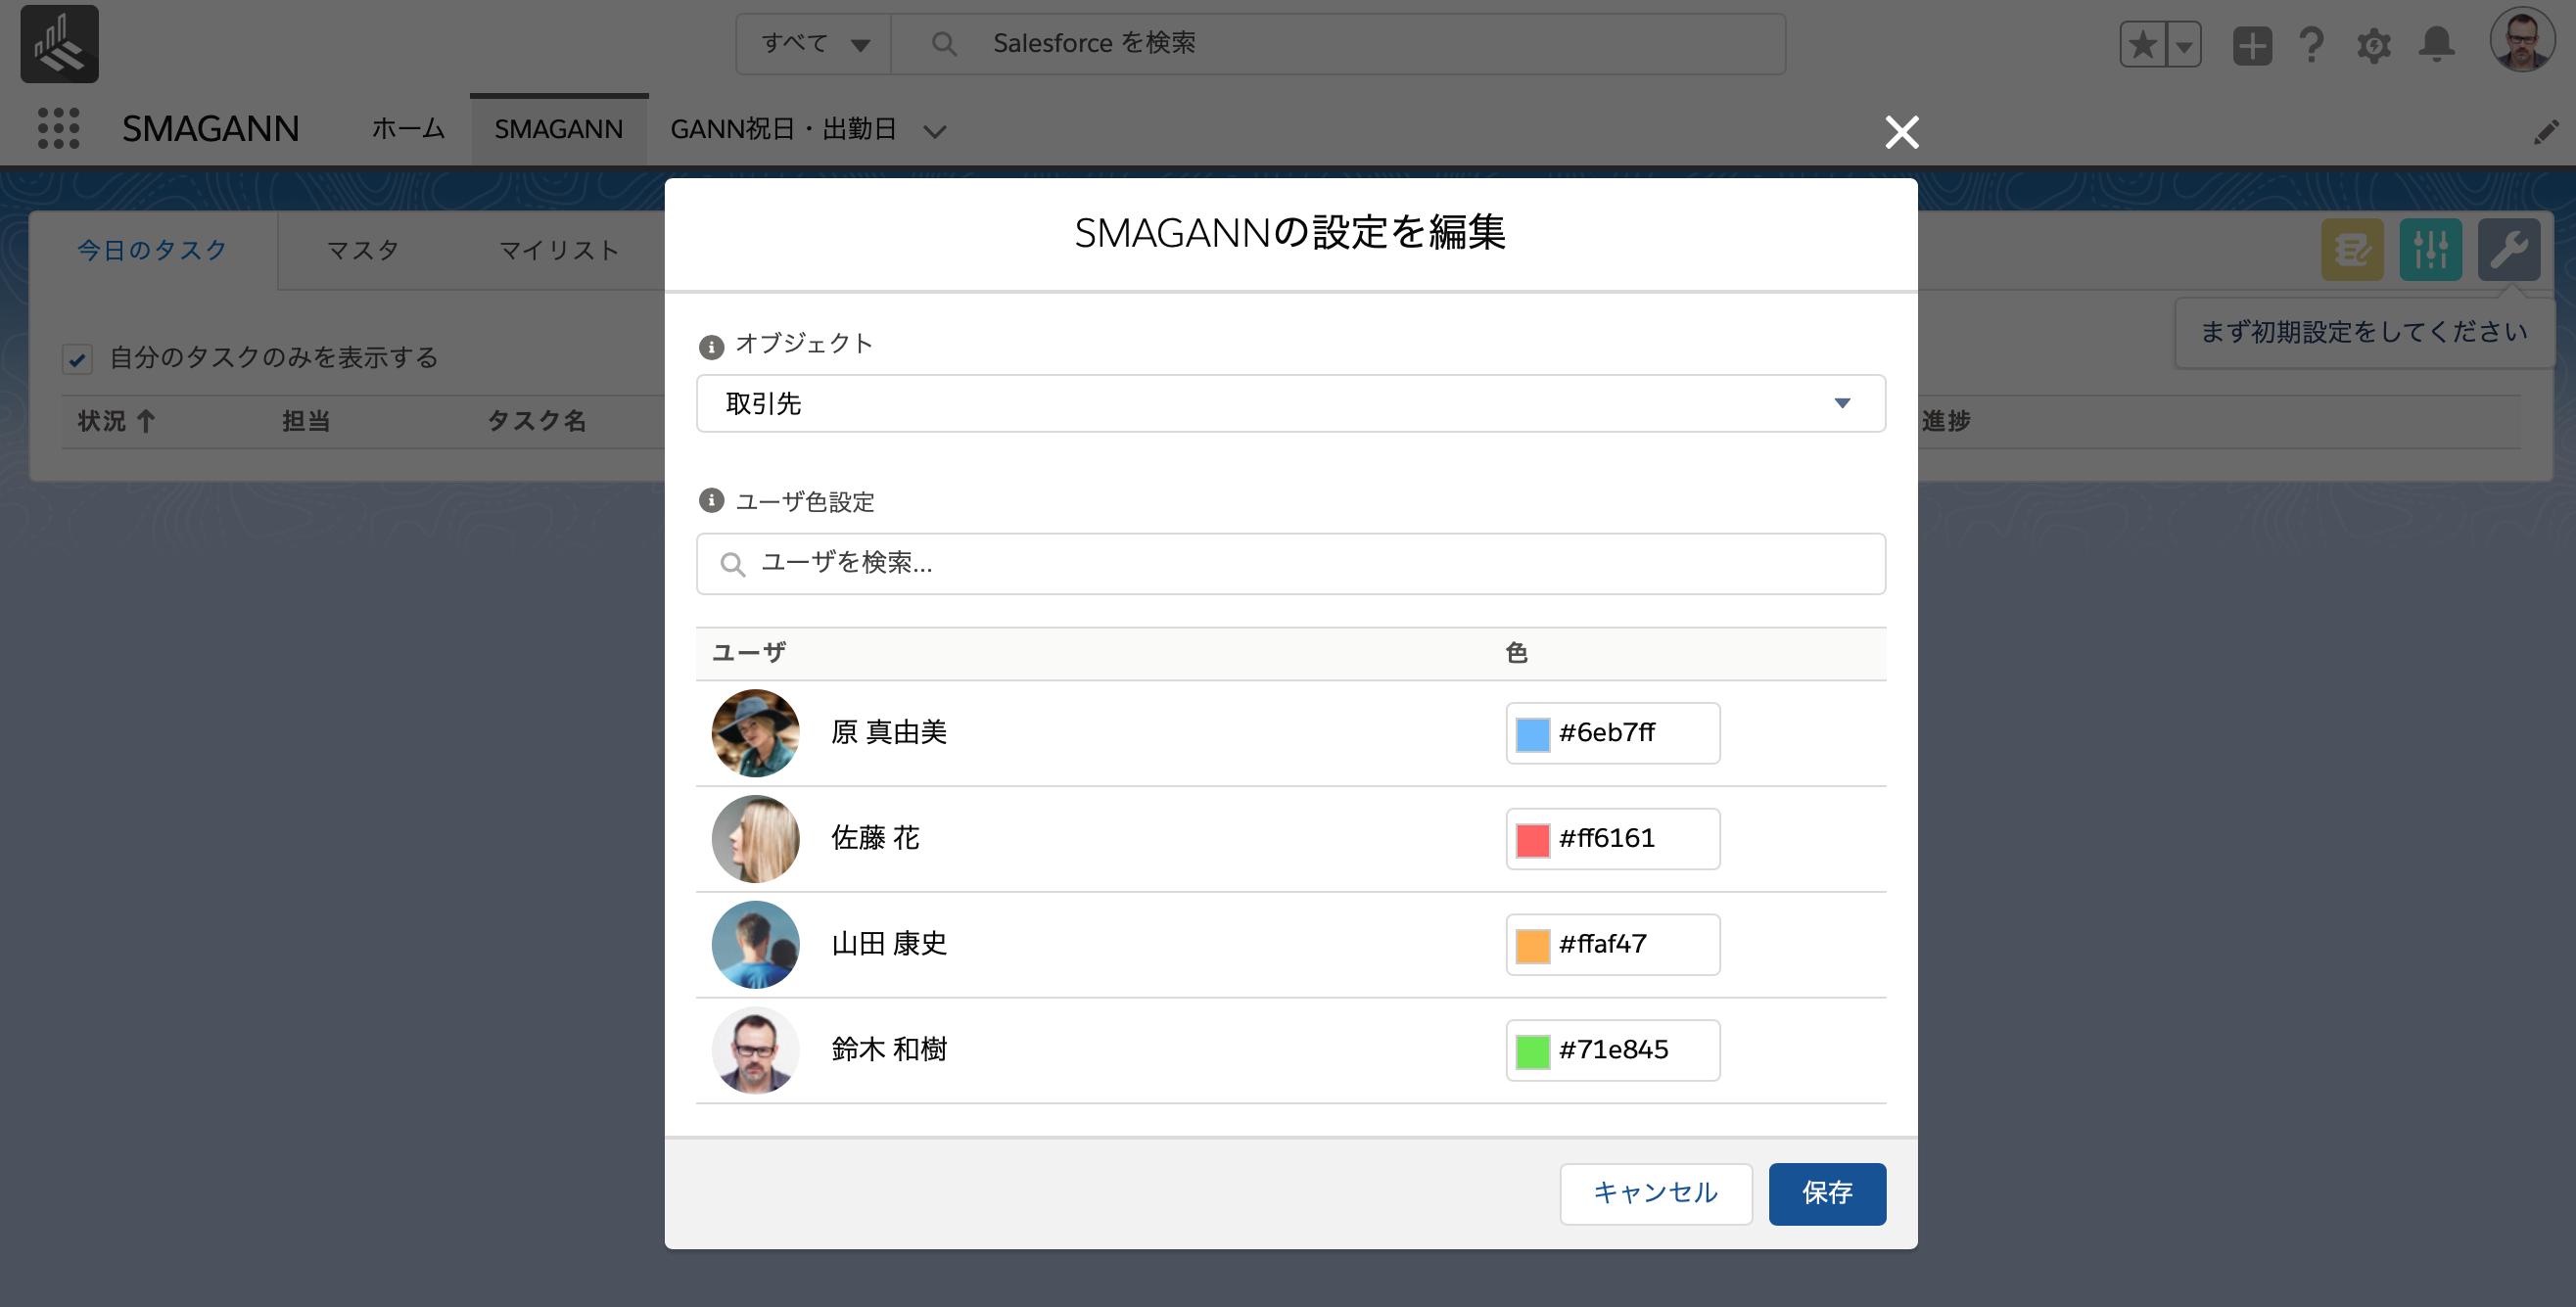 SMG_cap2